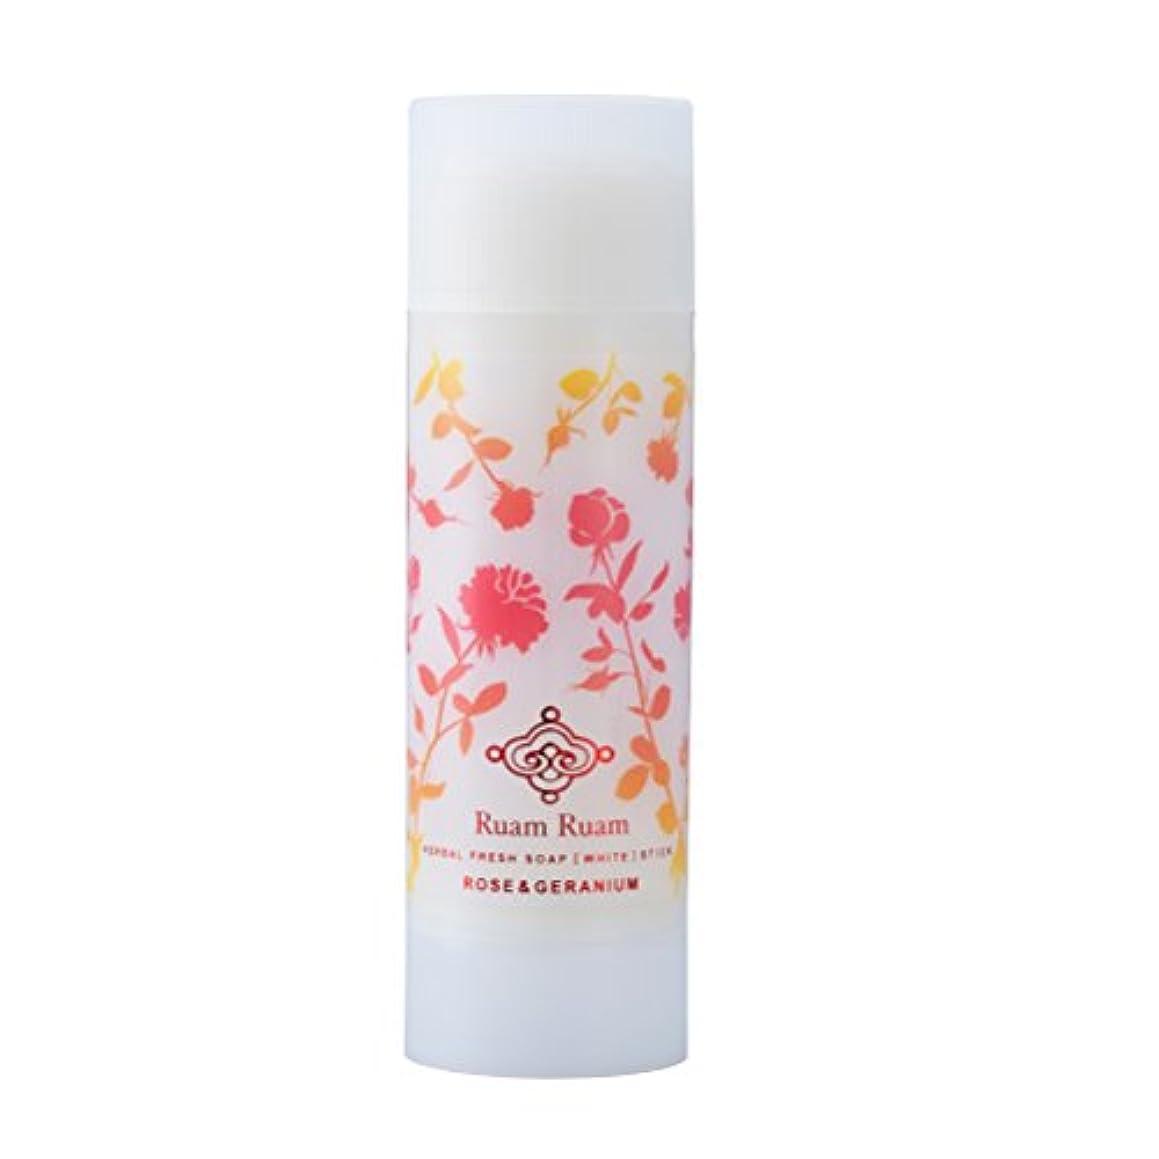 のスコアアボートランチルアンルアン(Ruam Ruam) 洗顔石鹸(白) ローズアンドゼラニウム 90g